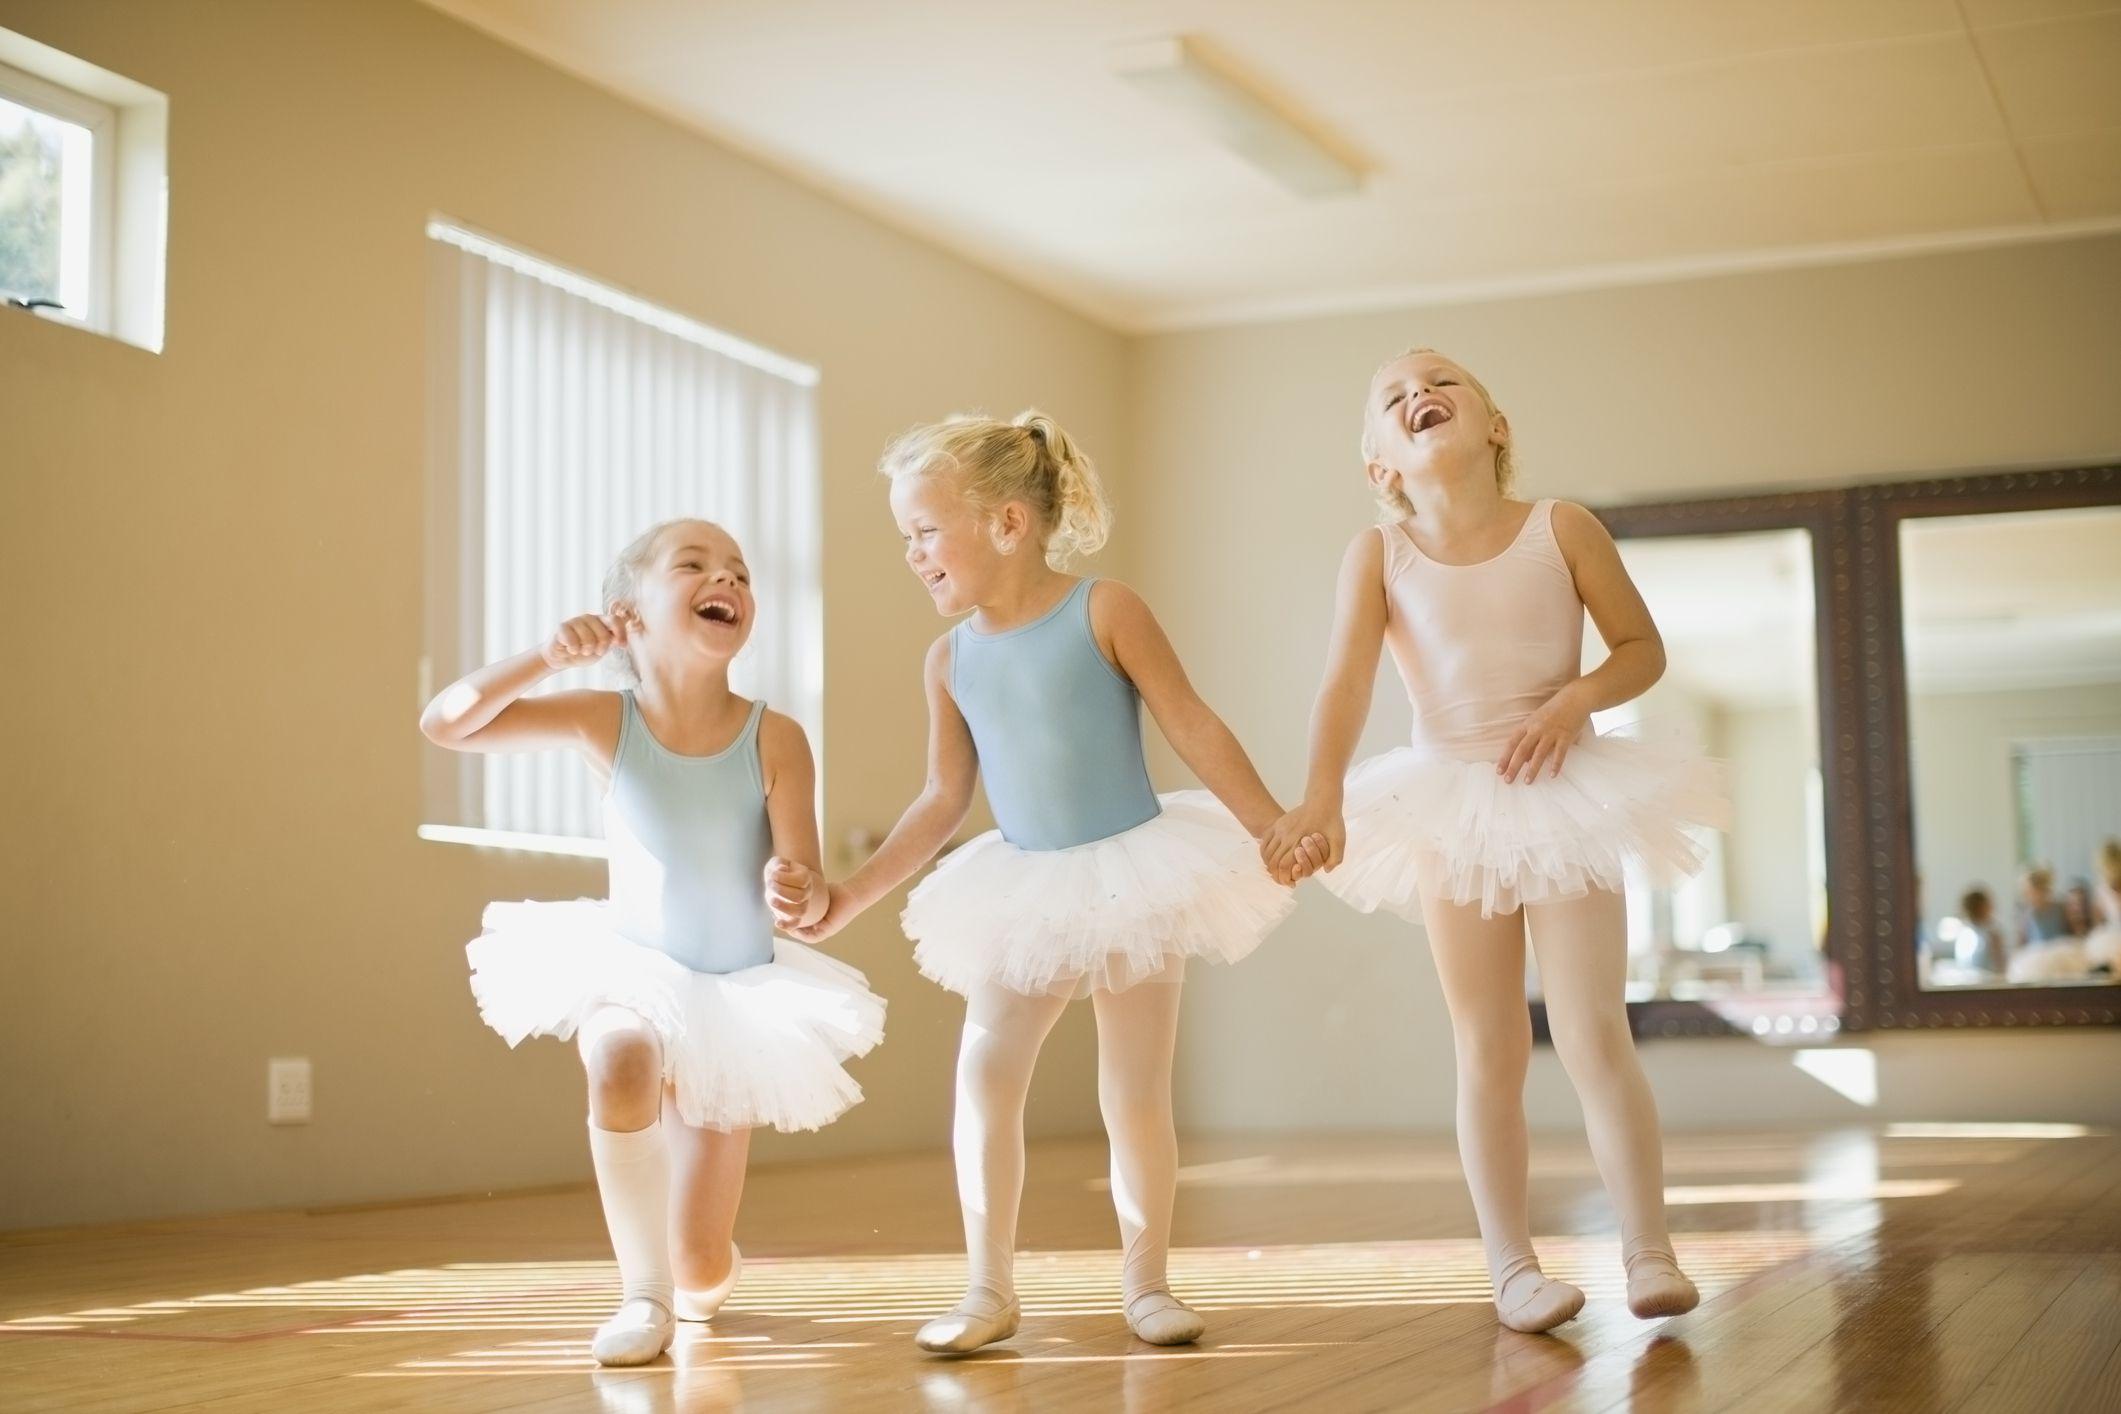 Ballerina Party Games